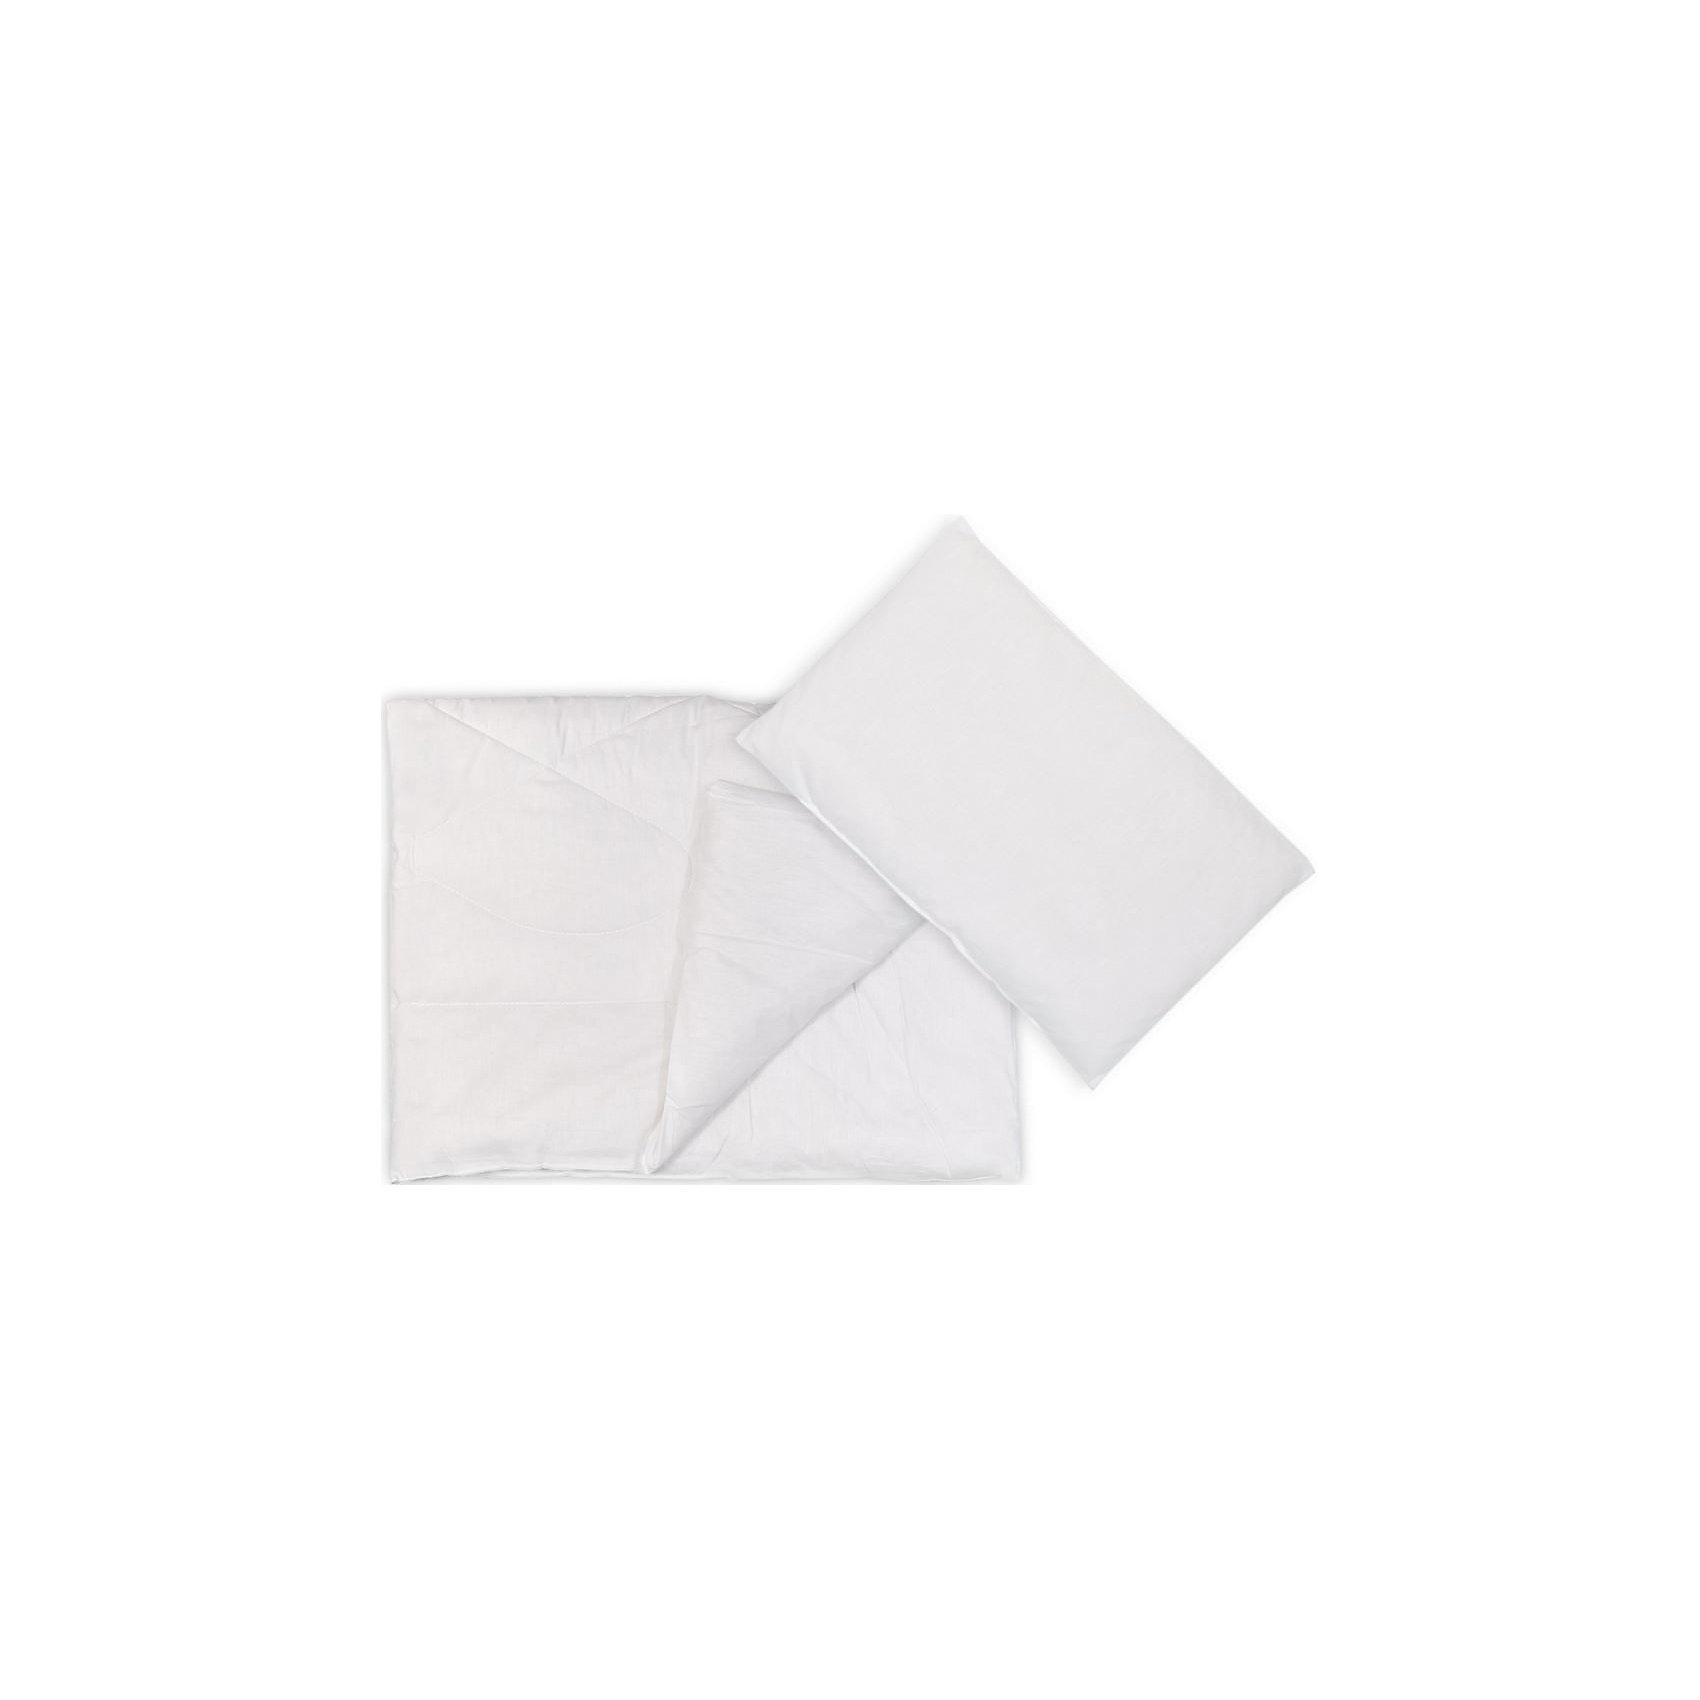 Комплект холофайбер, одеяло 140х110 см + подушка 60х40 см, Сонный гномик, в ассорт.верх : бязь100% хлопок<br>наполнитель холофайбер<br>комплект состоит из: одеяло 140х110 см, подушка 60х40 см<br><br>Комплект холофайбер, одеяло 140х110 см + подушка 60х40 см, Сонный гномик можно купить в нашем магазине.<br><br>Ширина мм: 540<br>Глубина мм: 200<br>Высота мм: 400<br>Вес г: 800<br>Возраст от месяцев: 0<br>Возраст до месяцев: 48<br>Пол: Унисекс<br>Возраст: Детский<br>SKU: 4122076